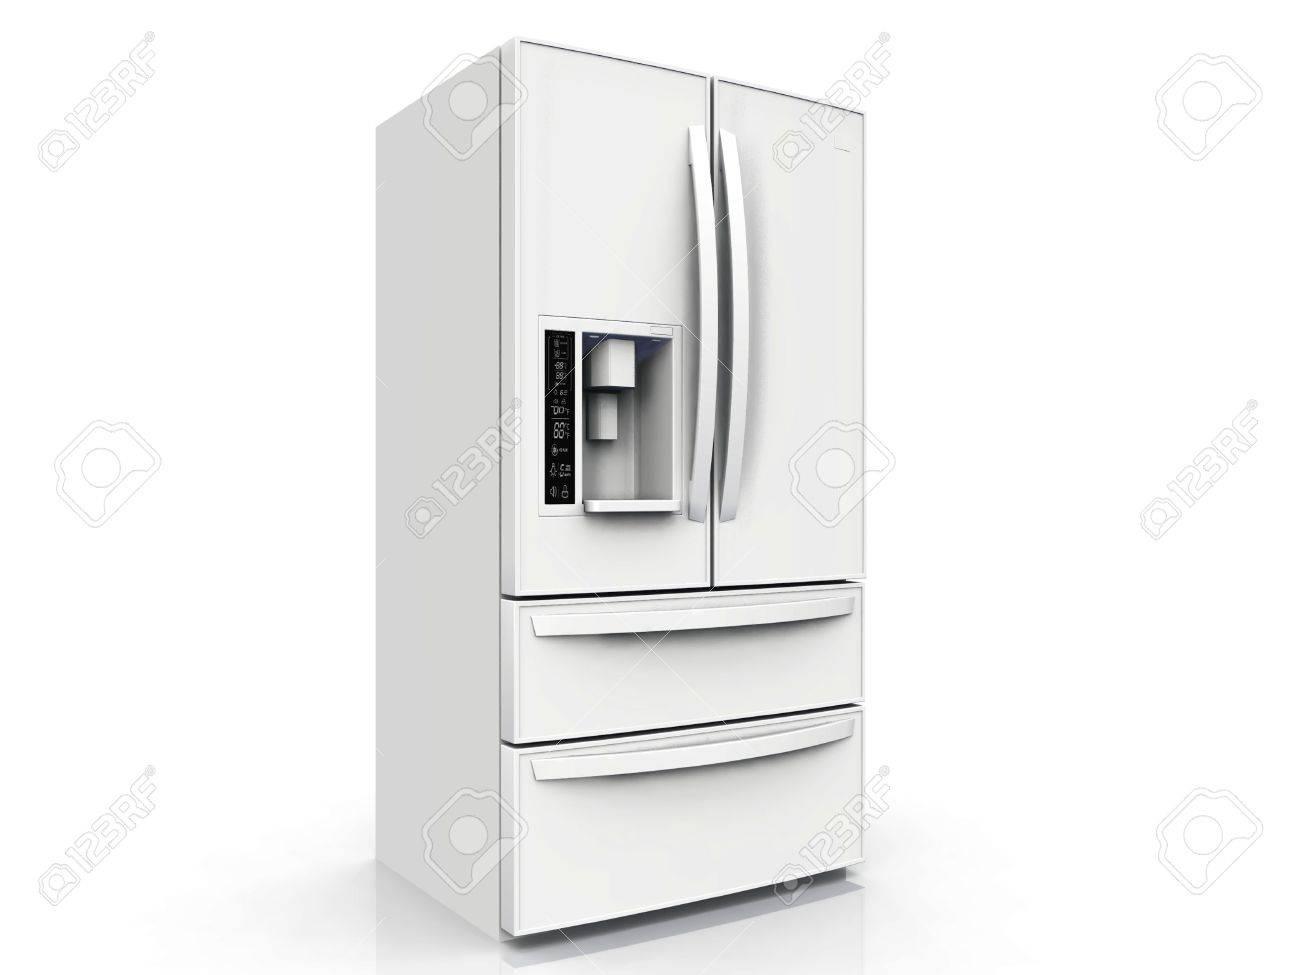 Amerikanischer Kühlschrank Rot : Amerikanischer kühlschrank auf weißem hintergrund lizenzfreie